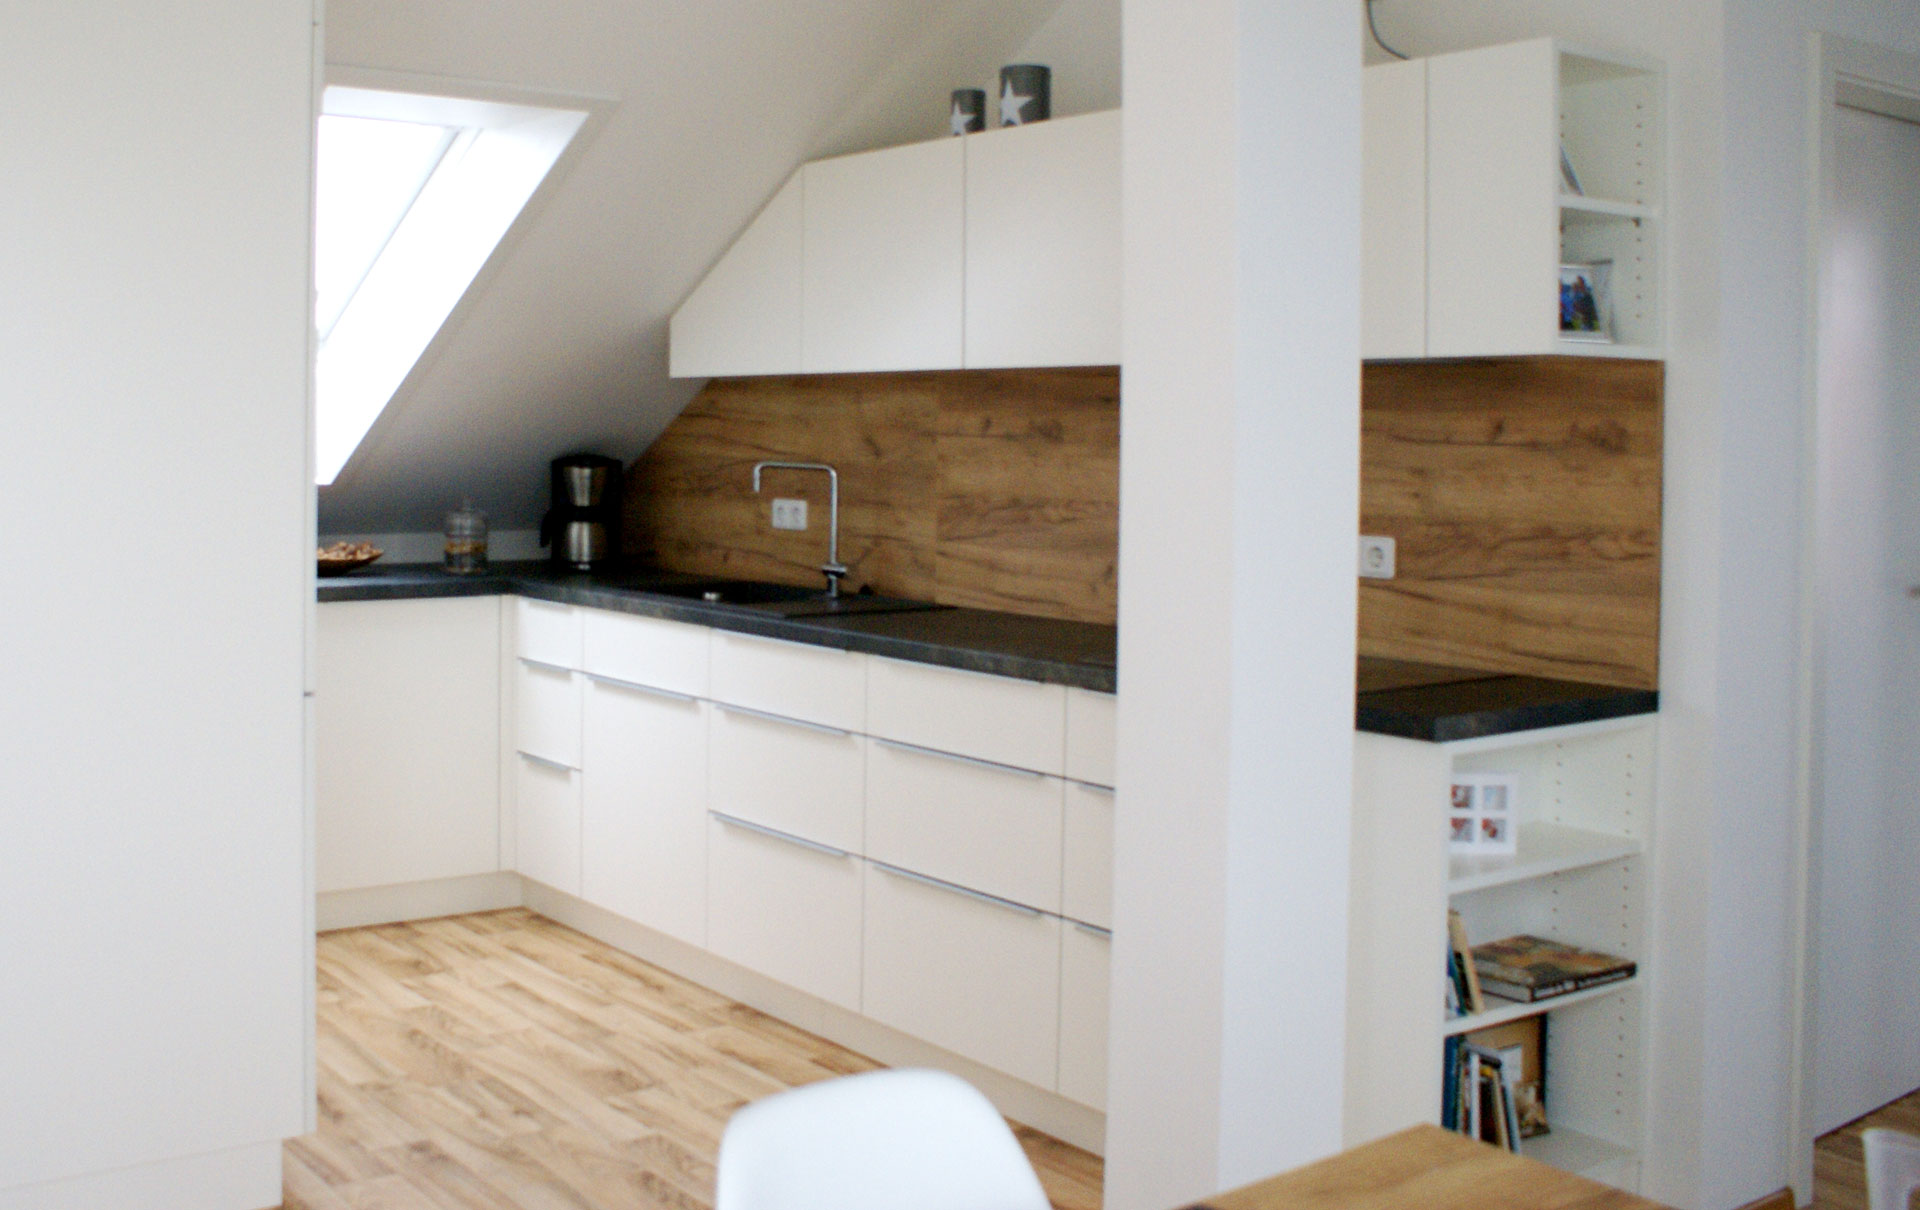 Full Size of Dachschräge Küche Einbaukche In Dachwohnung Betonoptik Einbauküche Mit Elektrogeräten Büroküche Sideboard Arbeitsplatte Kaufen Landhaus Modulküche Wohnzimmer Dachschräge Küche